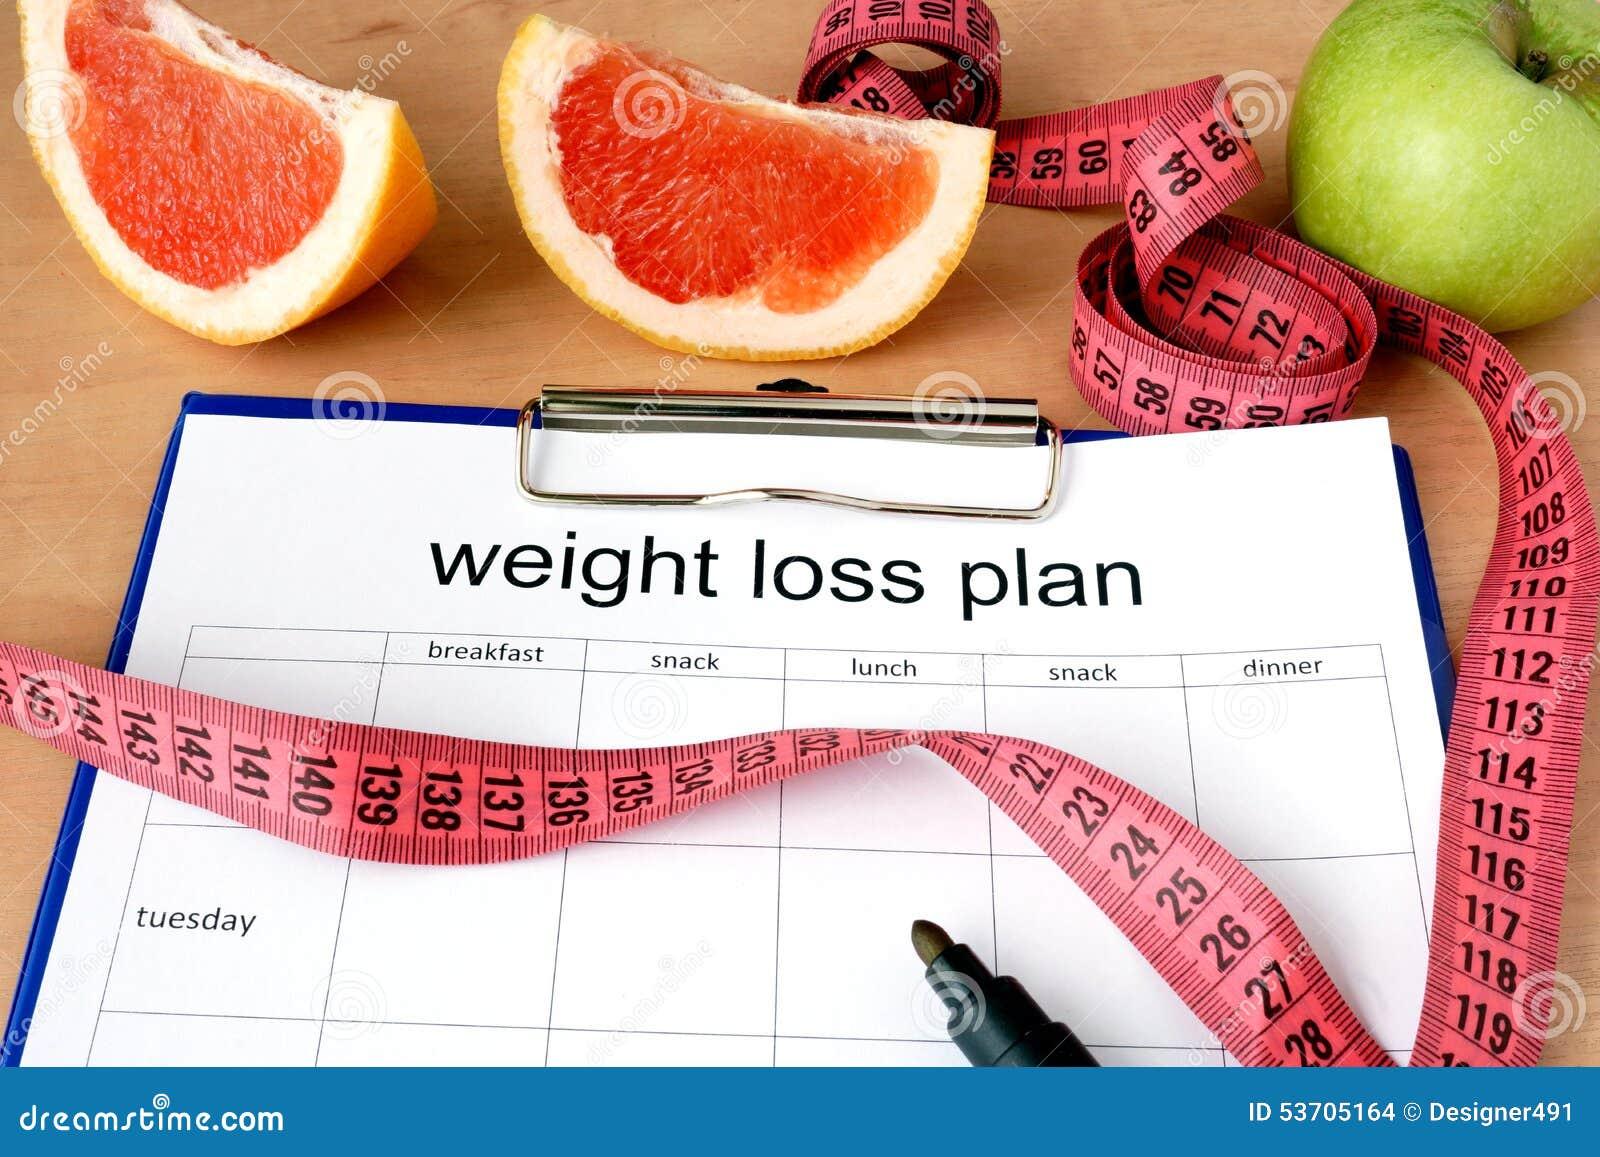 sfida di perdita di peso cibo crudo